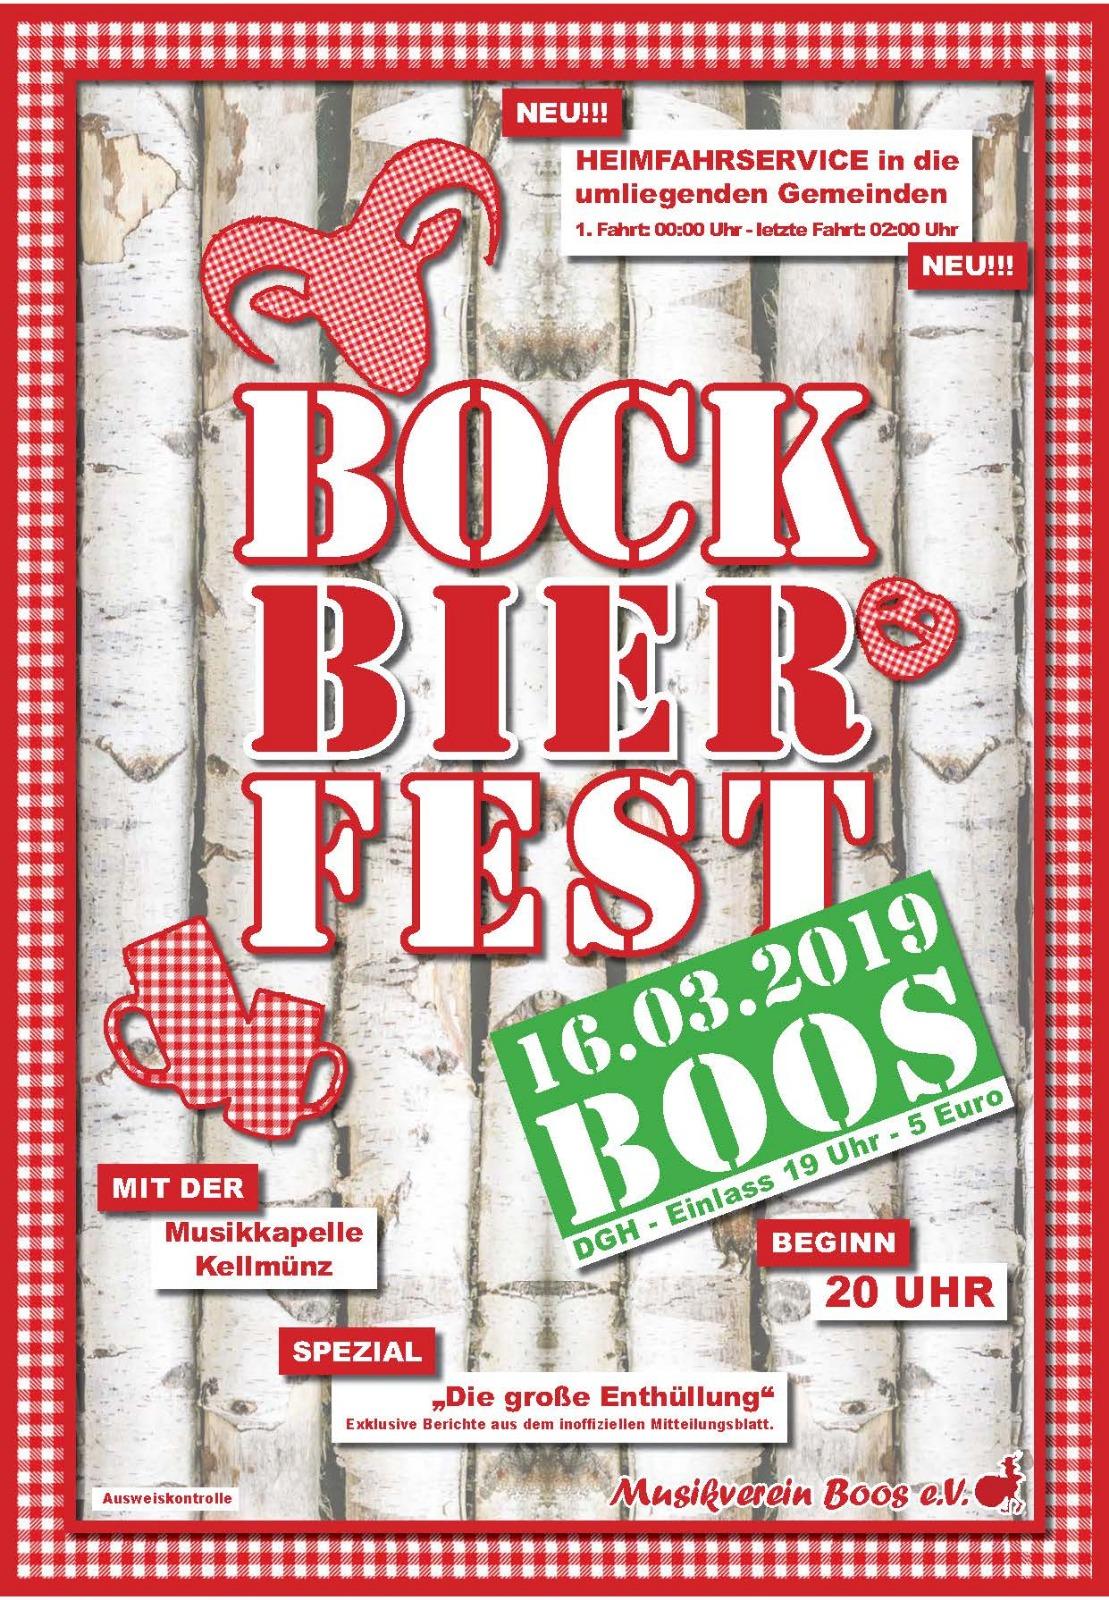 Plakat Bockbierfest in Boos